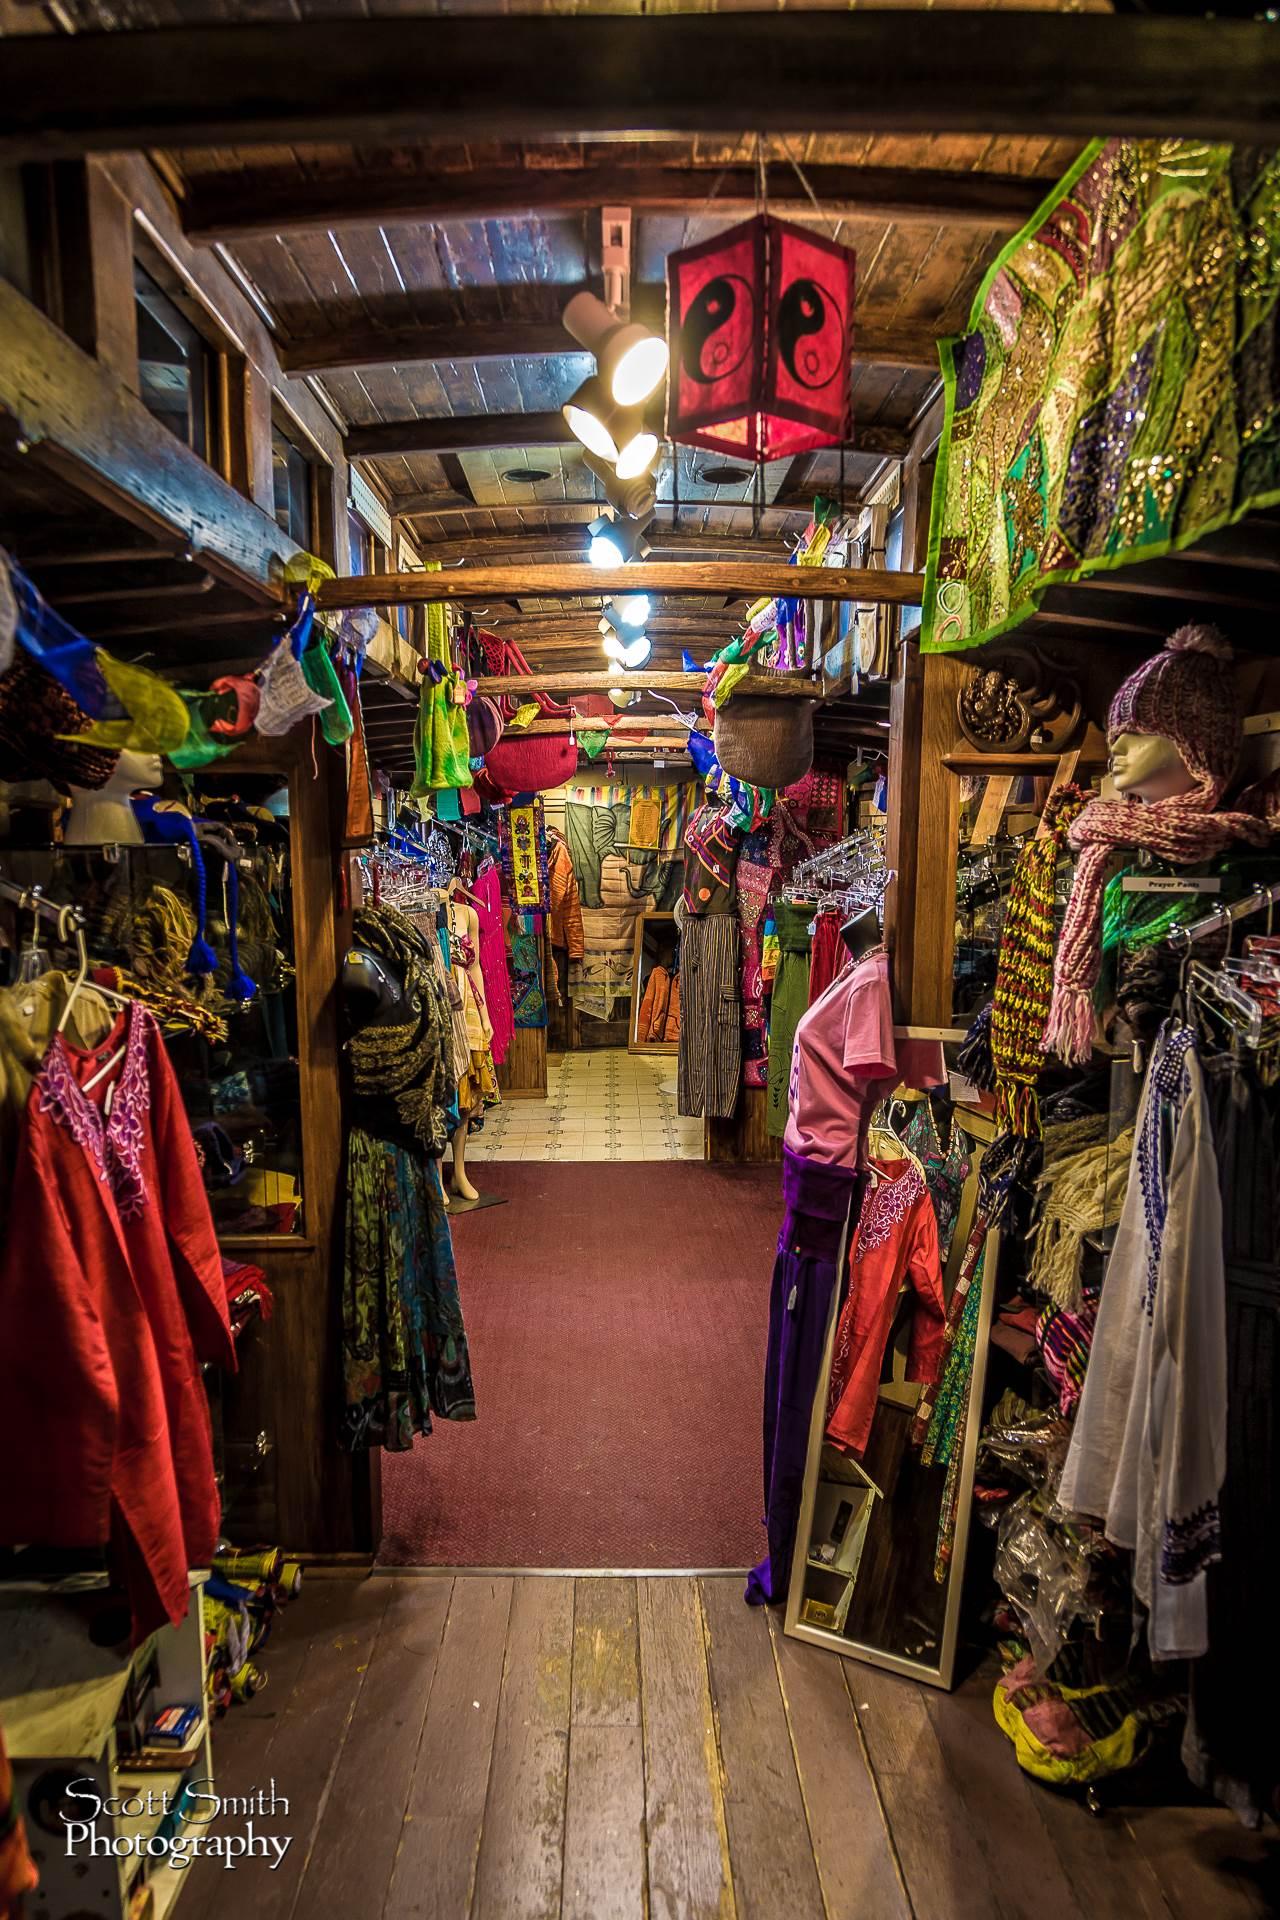 Quaint Shop - A beautiful little shop in Frisco, Colorado. by D Scott Smith